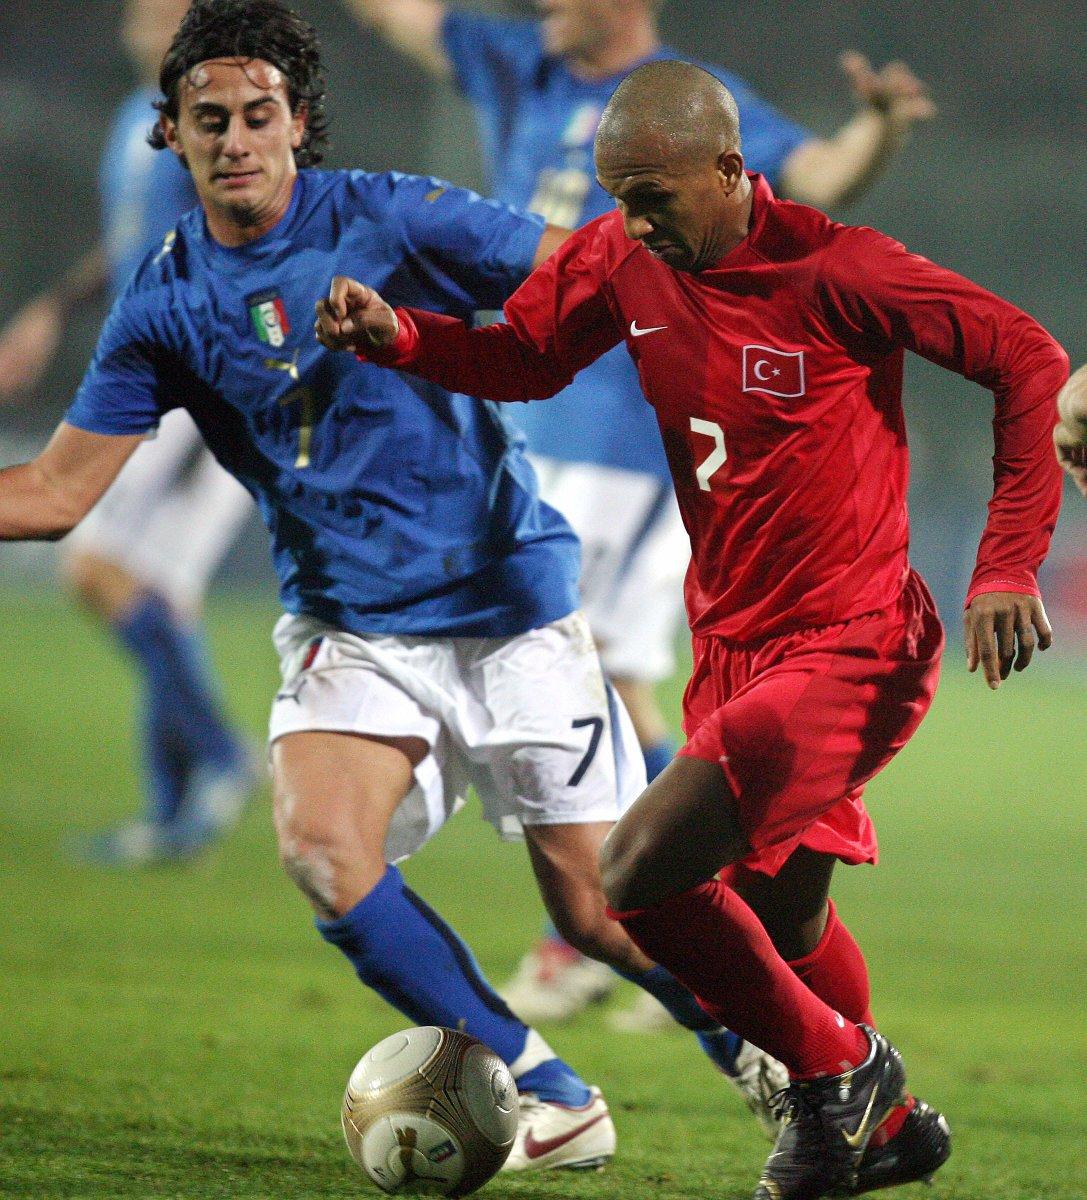 لعب المنتخبين في يورو 2000 خلال الجولة